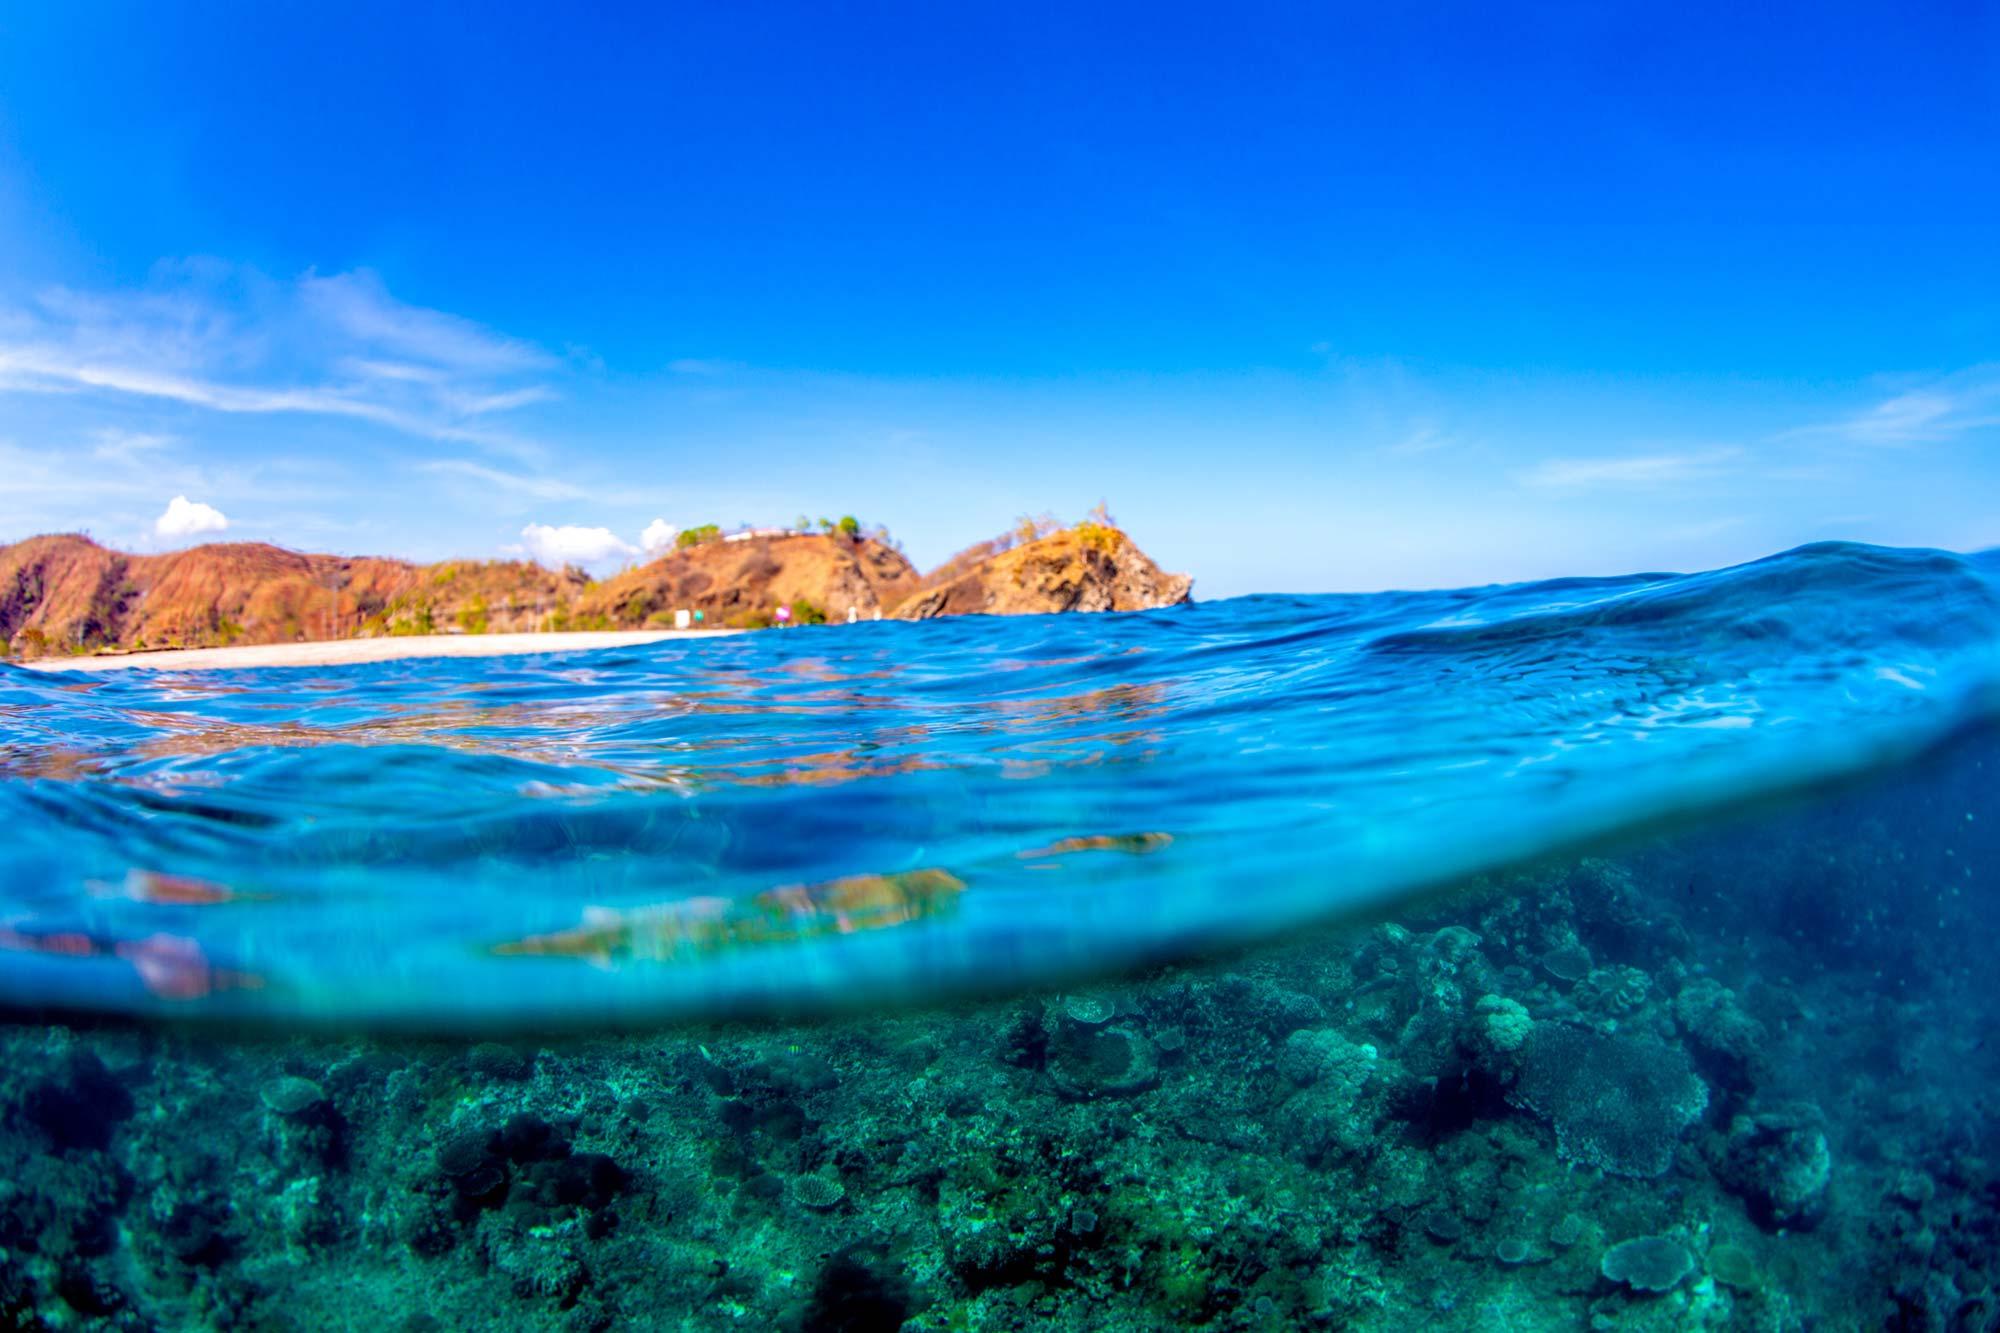 Aquatica-Dive-Resort